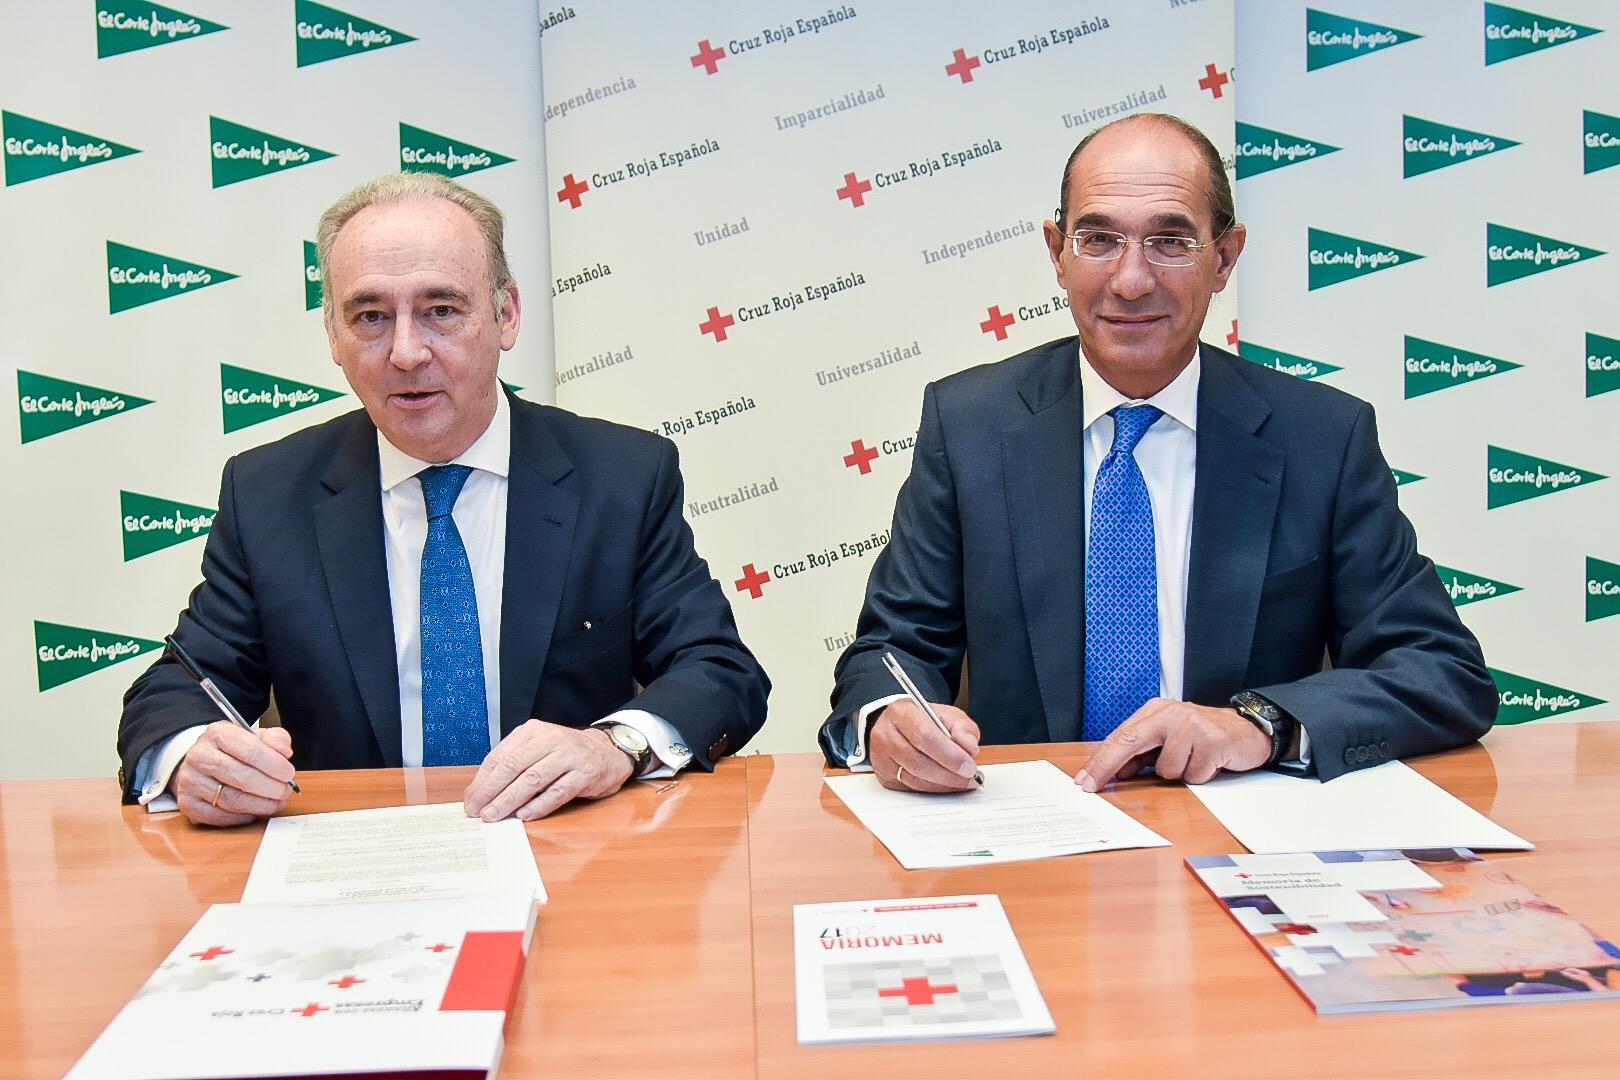 Leopoldo Pérez Suárez, Secretario General de Cruz Roja Española, y José Luis González Besada, Director de Comunicación y RRII de El Corte Inglés